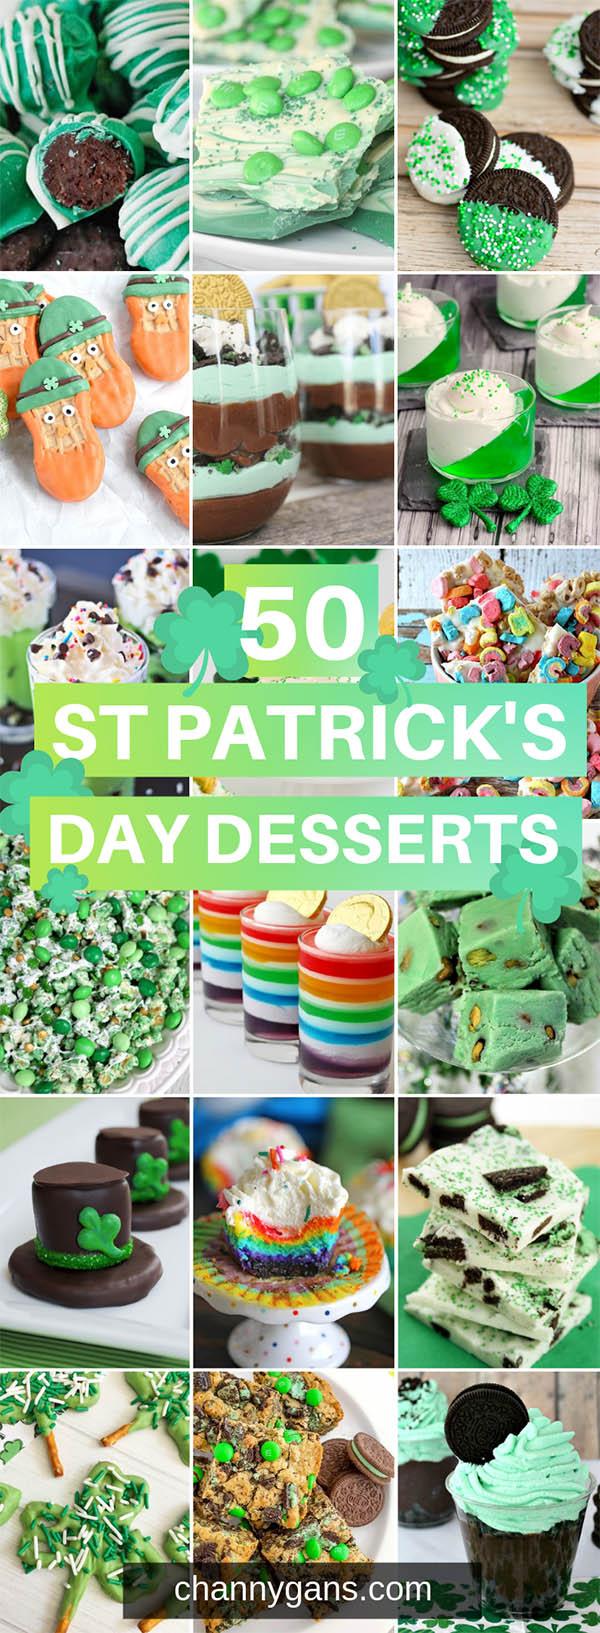 """Eine Sammlung von 50 St. Patrick's Day Desserts, die Sie dazu inspirieren, etwas Festliches und Leckeres für den St. Patrick's Day zu kreieren! Probieren Sie diese Leckereien zum St. Patrick's Day noch heute! """"Width ="""" 600 """"height ="""" 1633 """"data-pin-description ="""" Eine Sammlung von 50 Desserts zum St. Patrick's Day, die Sie dazu inspirieren, etwas Festliches und Leckeres für den St. Patrick's Day zu kreieren! Probieren Sie diese Leckereien zum St. Patrick's Day noch heute aus! """"Srcset ="""" https://channygans.com/wp-content/uploads/2019/01/50-St-Patricks-Day-Desserts-min.jpg 600w, https: // channygans .com / wp-content / uploads / 2019/01/50-St-Patricks-Day-Desserts-min-110x300.jpg 110w, https://channygans.com/wp-content/uploads/2019/01/50- St-Patricks-Day-Desserts-min-376x1024.jpg 376w, https://channygans.com/wp-content/uploads/2019/01/50-St-Patricks-Day-Desserts-min-585x1592.jpg 585w """" Größen = """"(max-width: 600px) 100vw, 600px"""